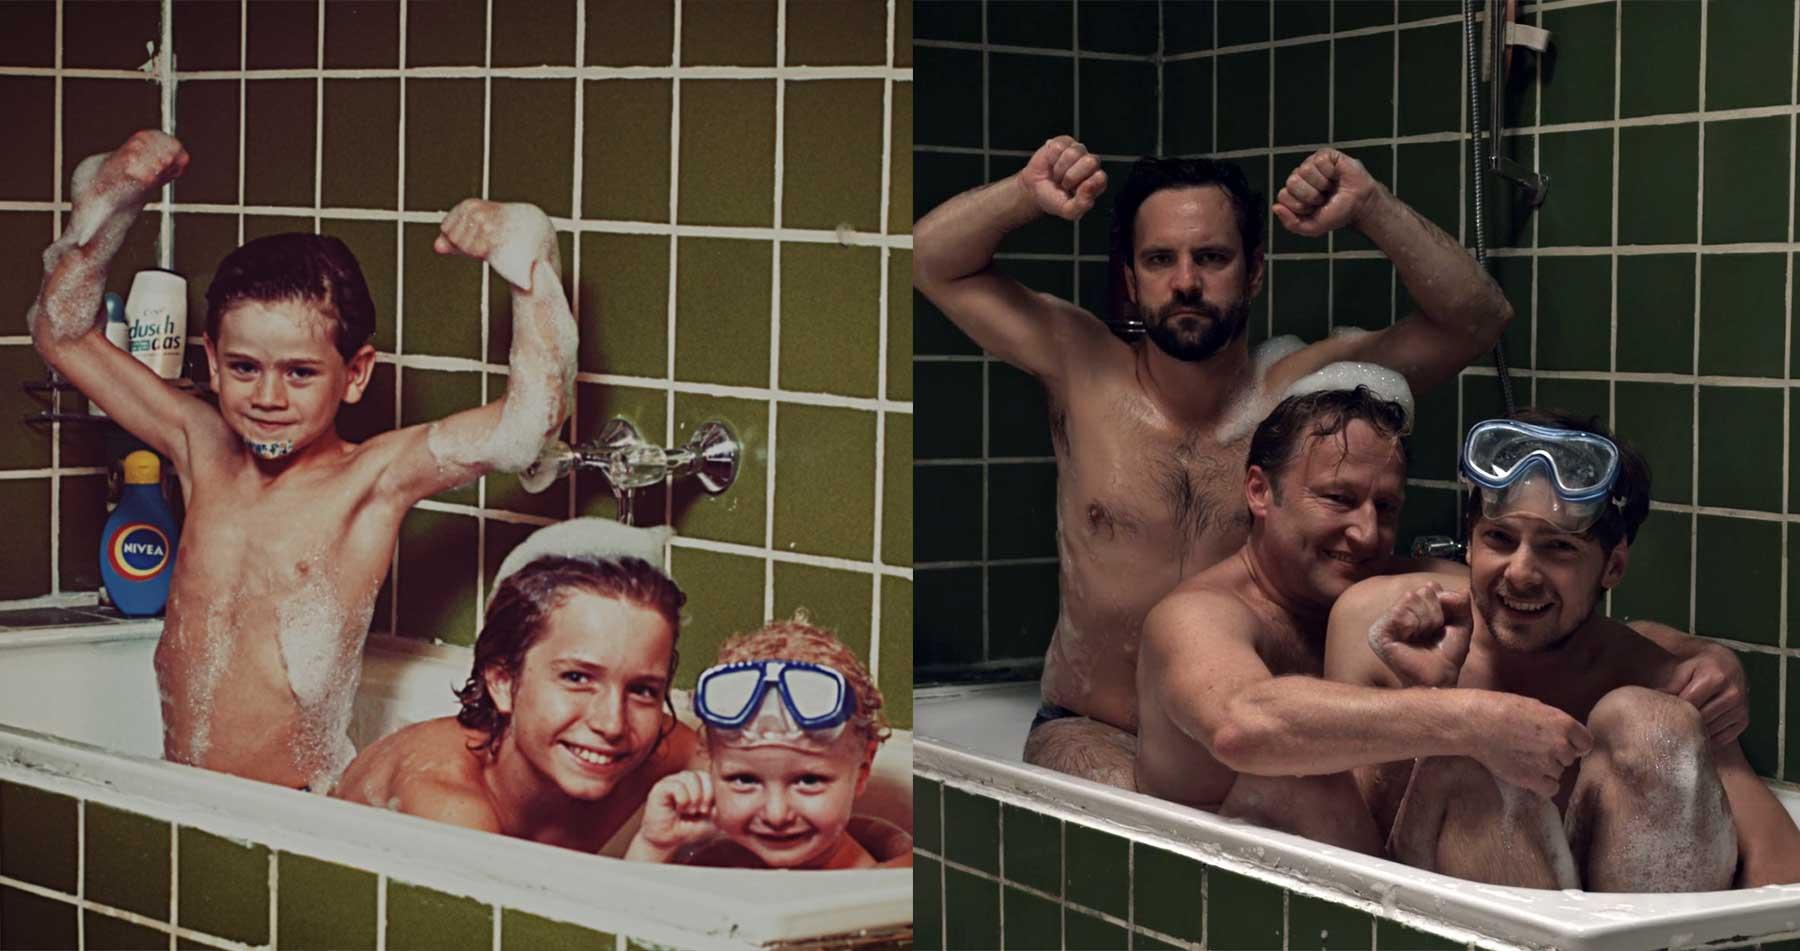 Kinderfoto-Nachstellungs-Versuch als Kurzfilm die-badewanne-kurzfilm